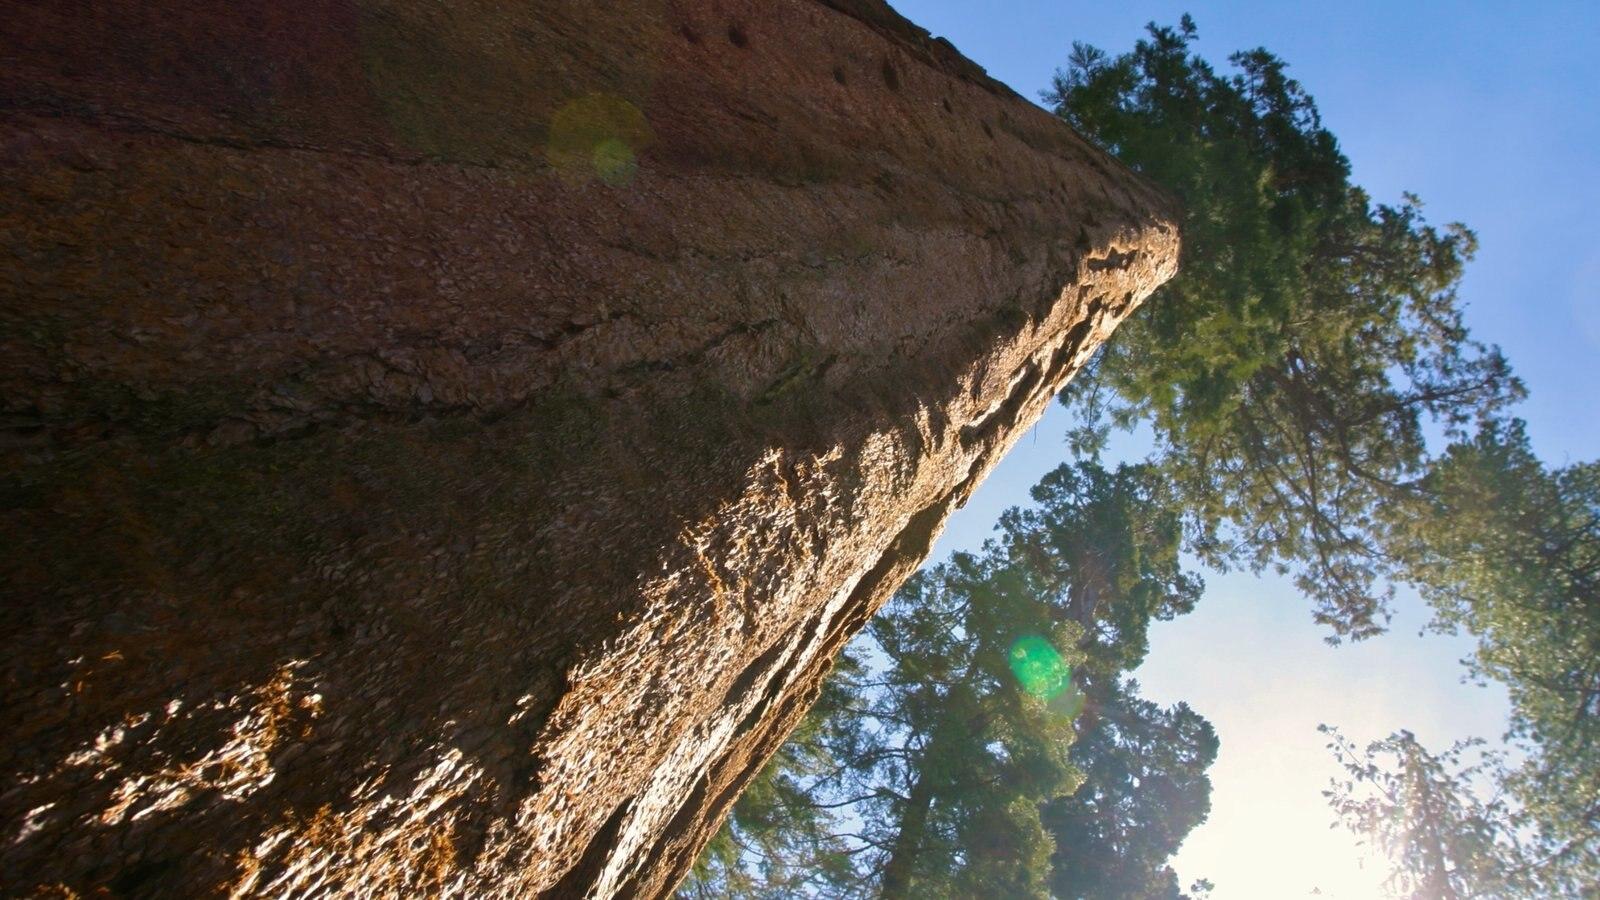 Yosemite Valley que inclui florestas